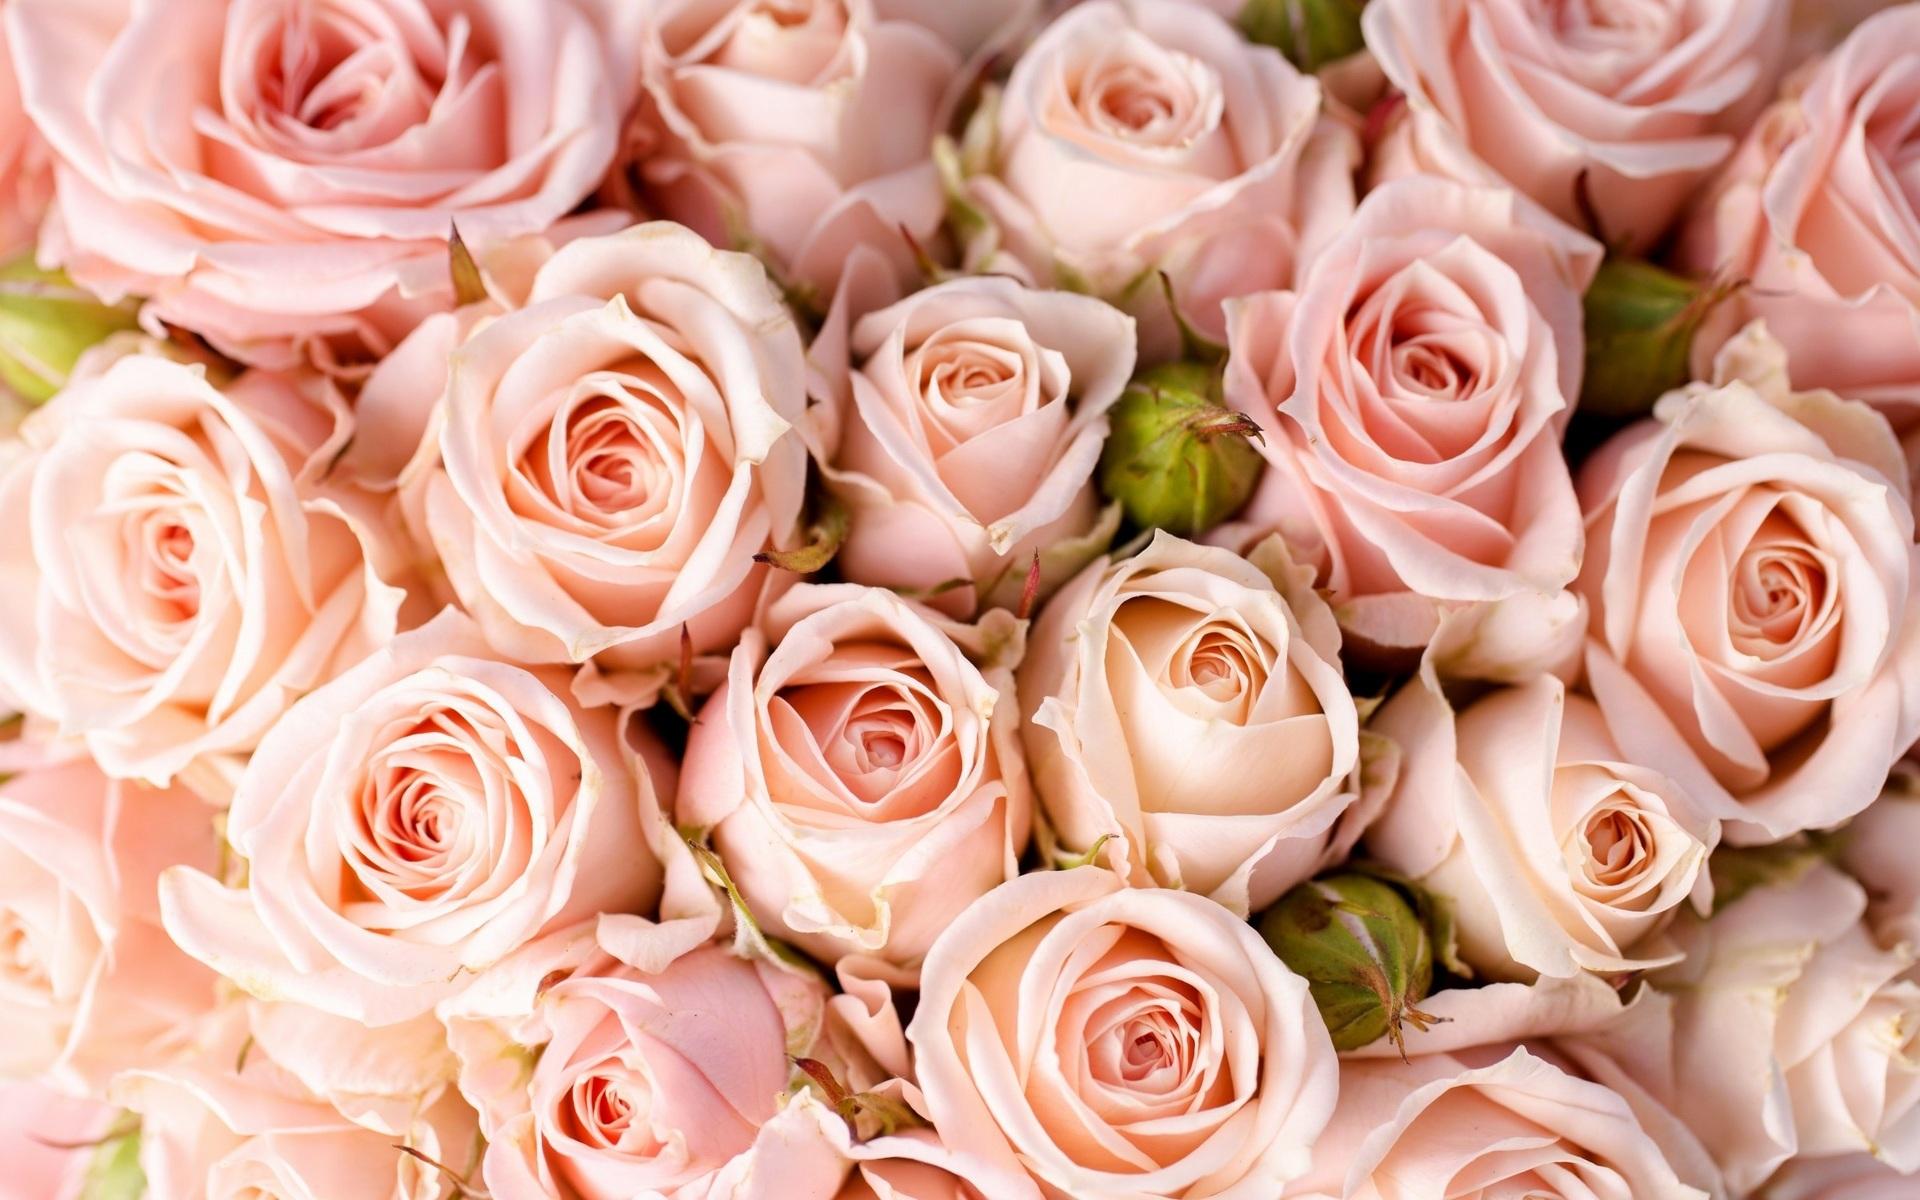 розовые розы картинки красивые горизонтальные желании